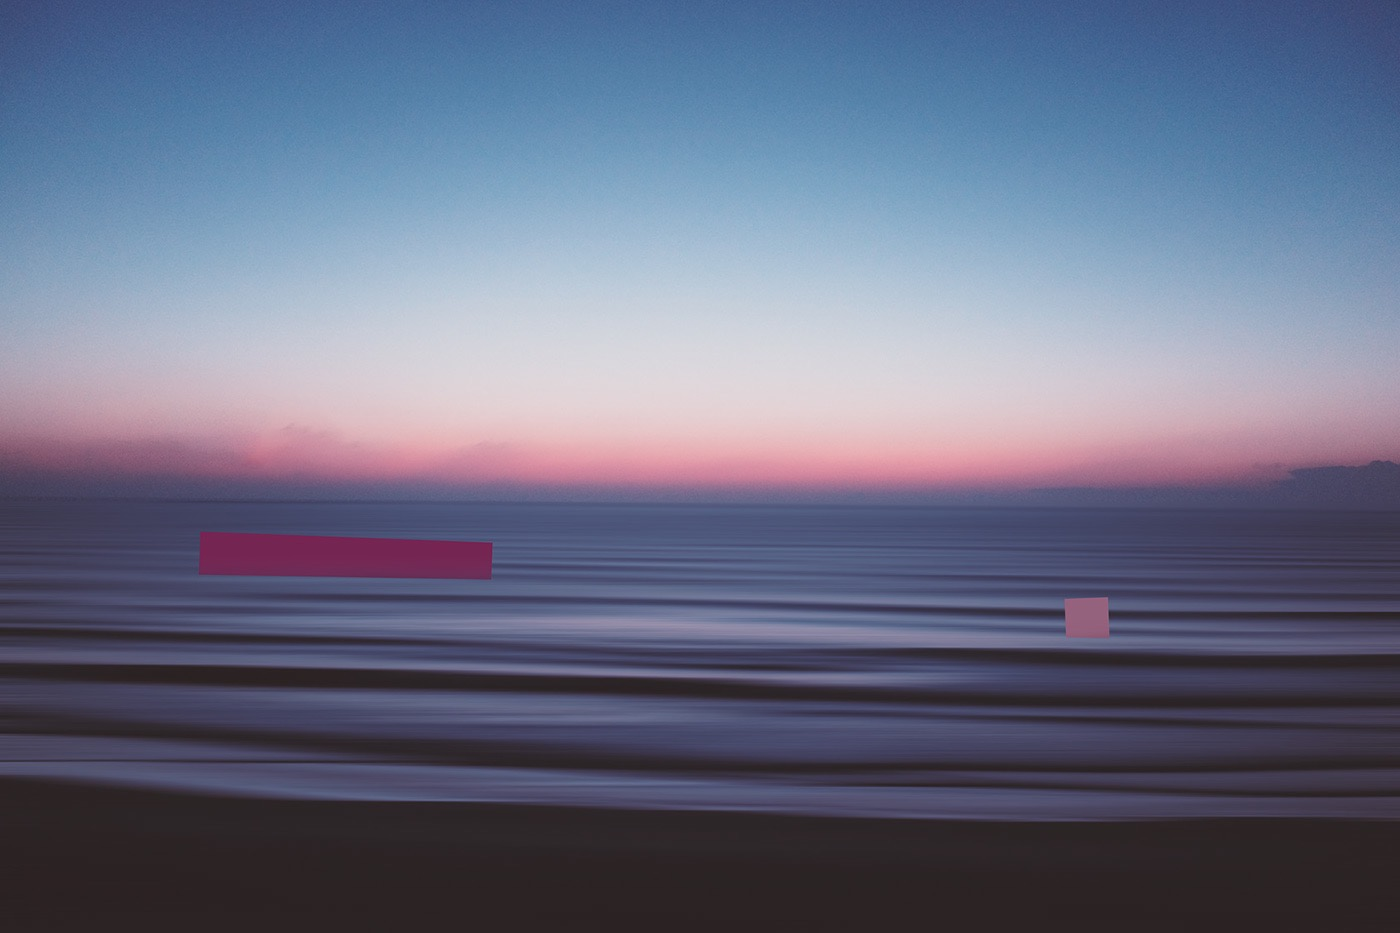 Constructed © Pawel Nolbert